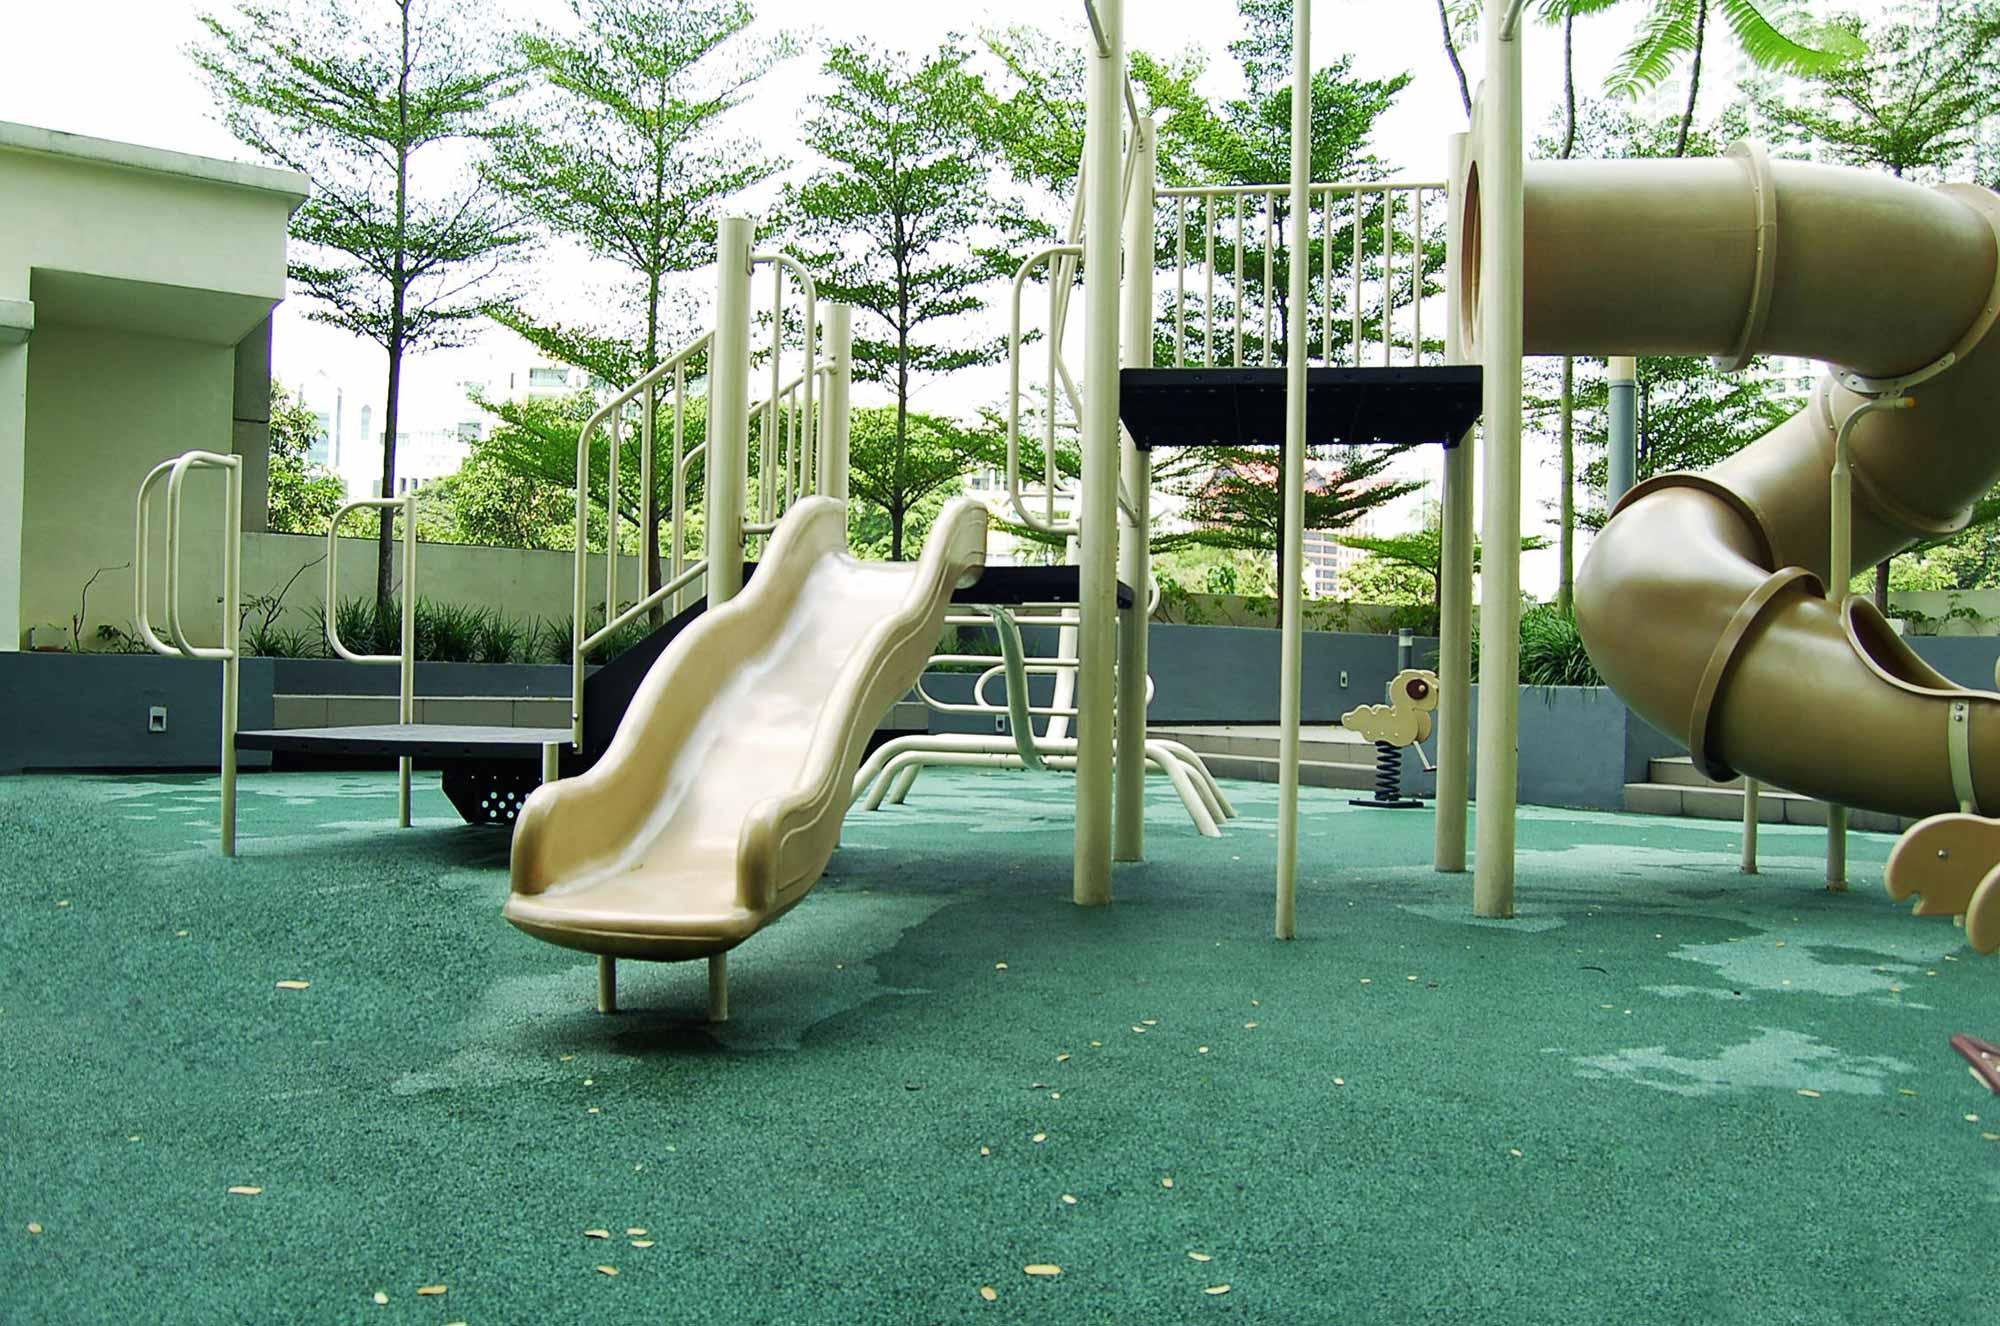 Suria-stonor-Playground